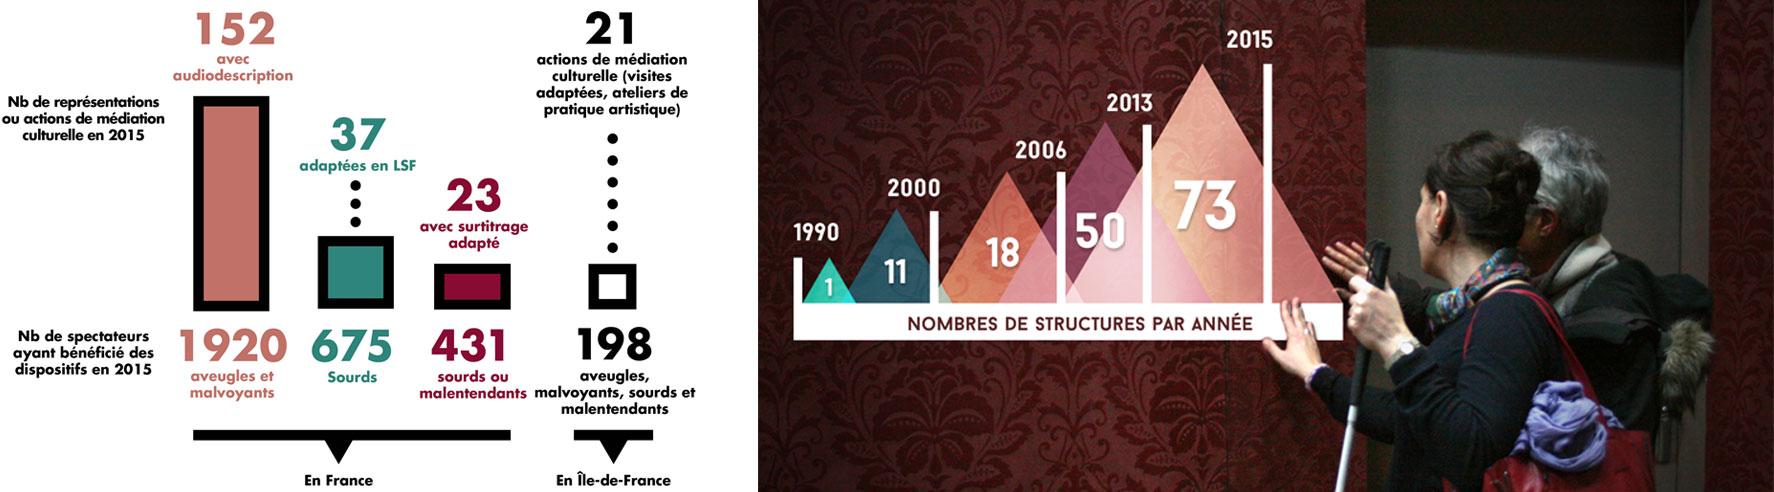 En 2015, l'association Accès Culture a mis en place 152 représentations avec audiodescription en France pour 1920 personnes aveugles et malvoyantes, 37 représentations adaptées en LSF pour 675 personnes Sourds et 23 représentations avec du surtitrage adapté. L'association a également mis en place 21 actions de médiation culturelle (visites adaptées, ateliers de pratique artistique) pour 198 personnes aveugles, malvoyants, sourds et malentendants En 1990, 1 théâtre faisait partie du réseau Accès Culture. En 2000, on comptait 11 structures culturelles faisant partie du réseau Accès Culture ; en 2006, 18 ; en 2013, 50 et en 2015, 73.